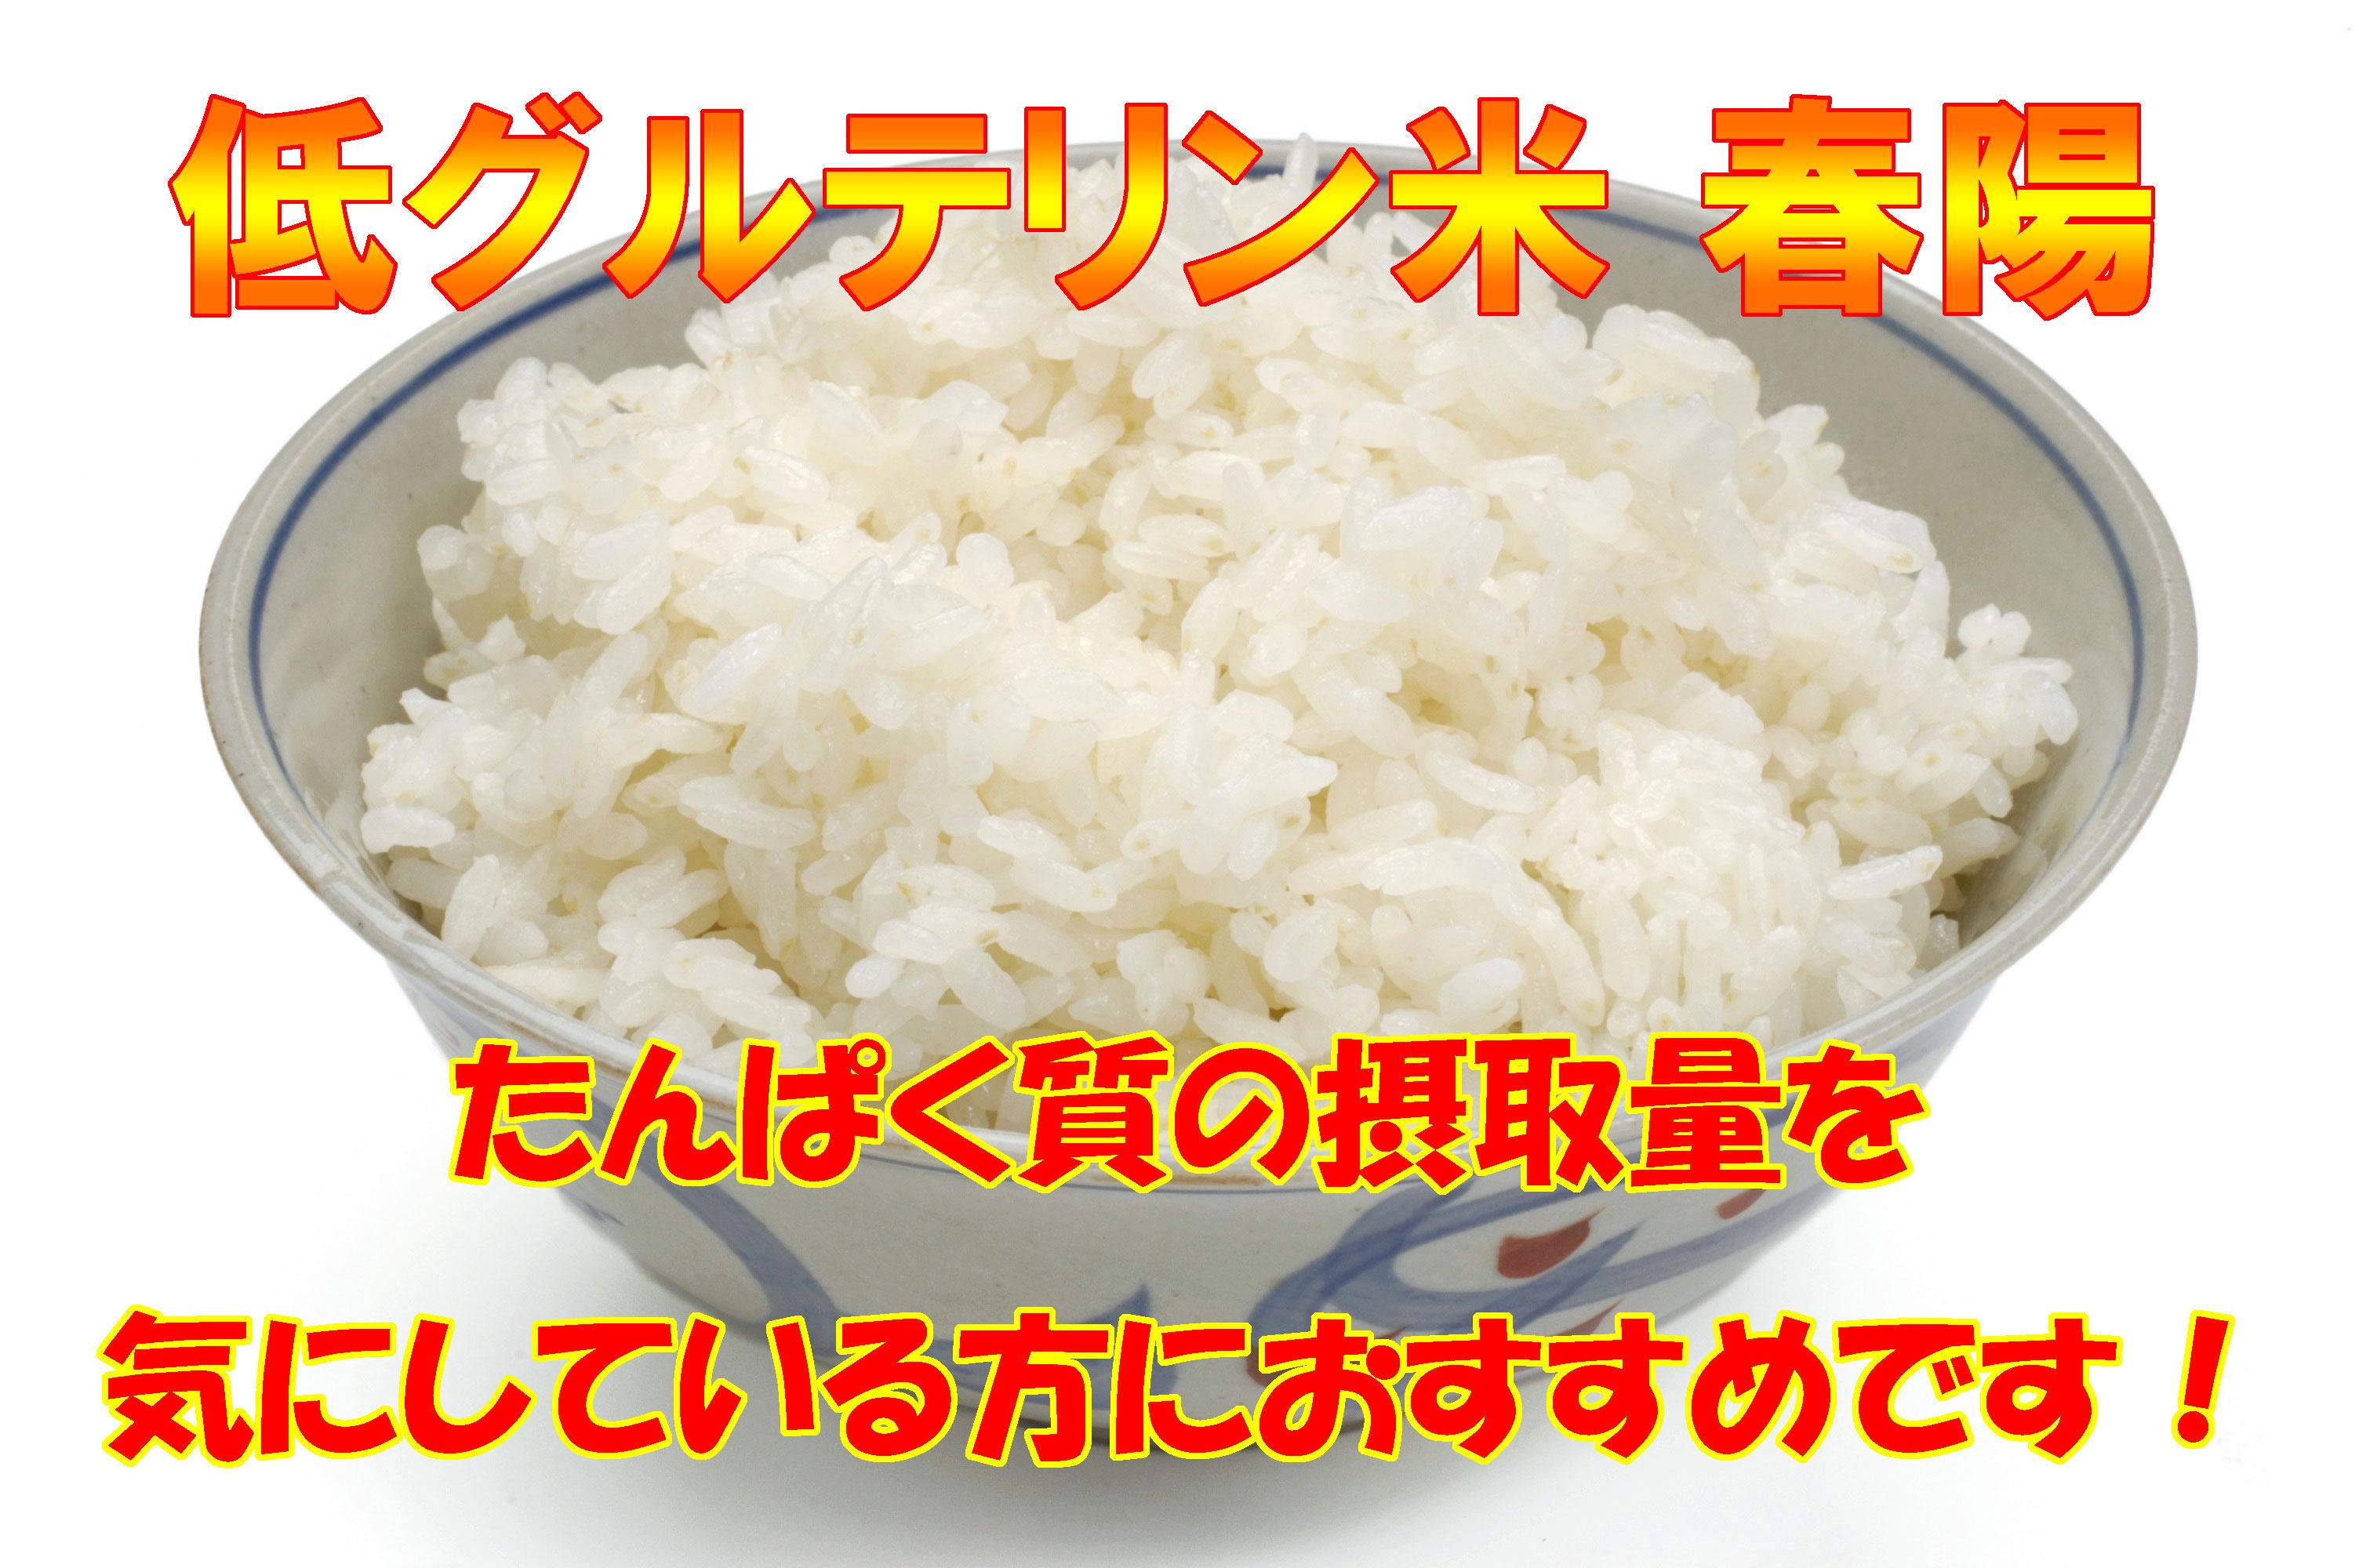 H30年産 宮城登米産 低グルテリン米「春陽」 白米 5kg